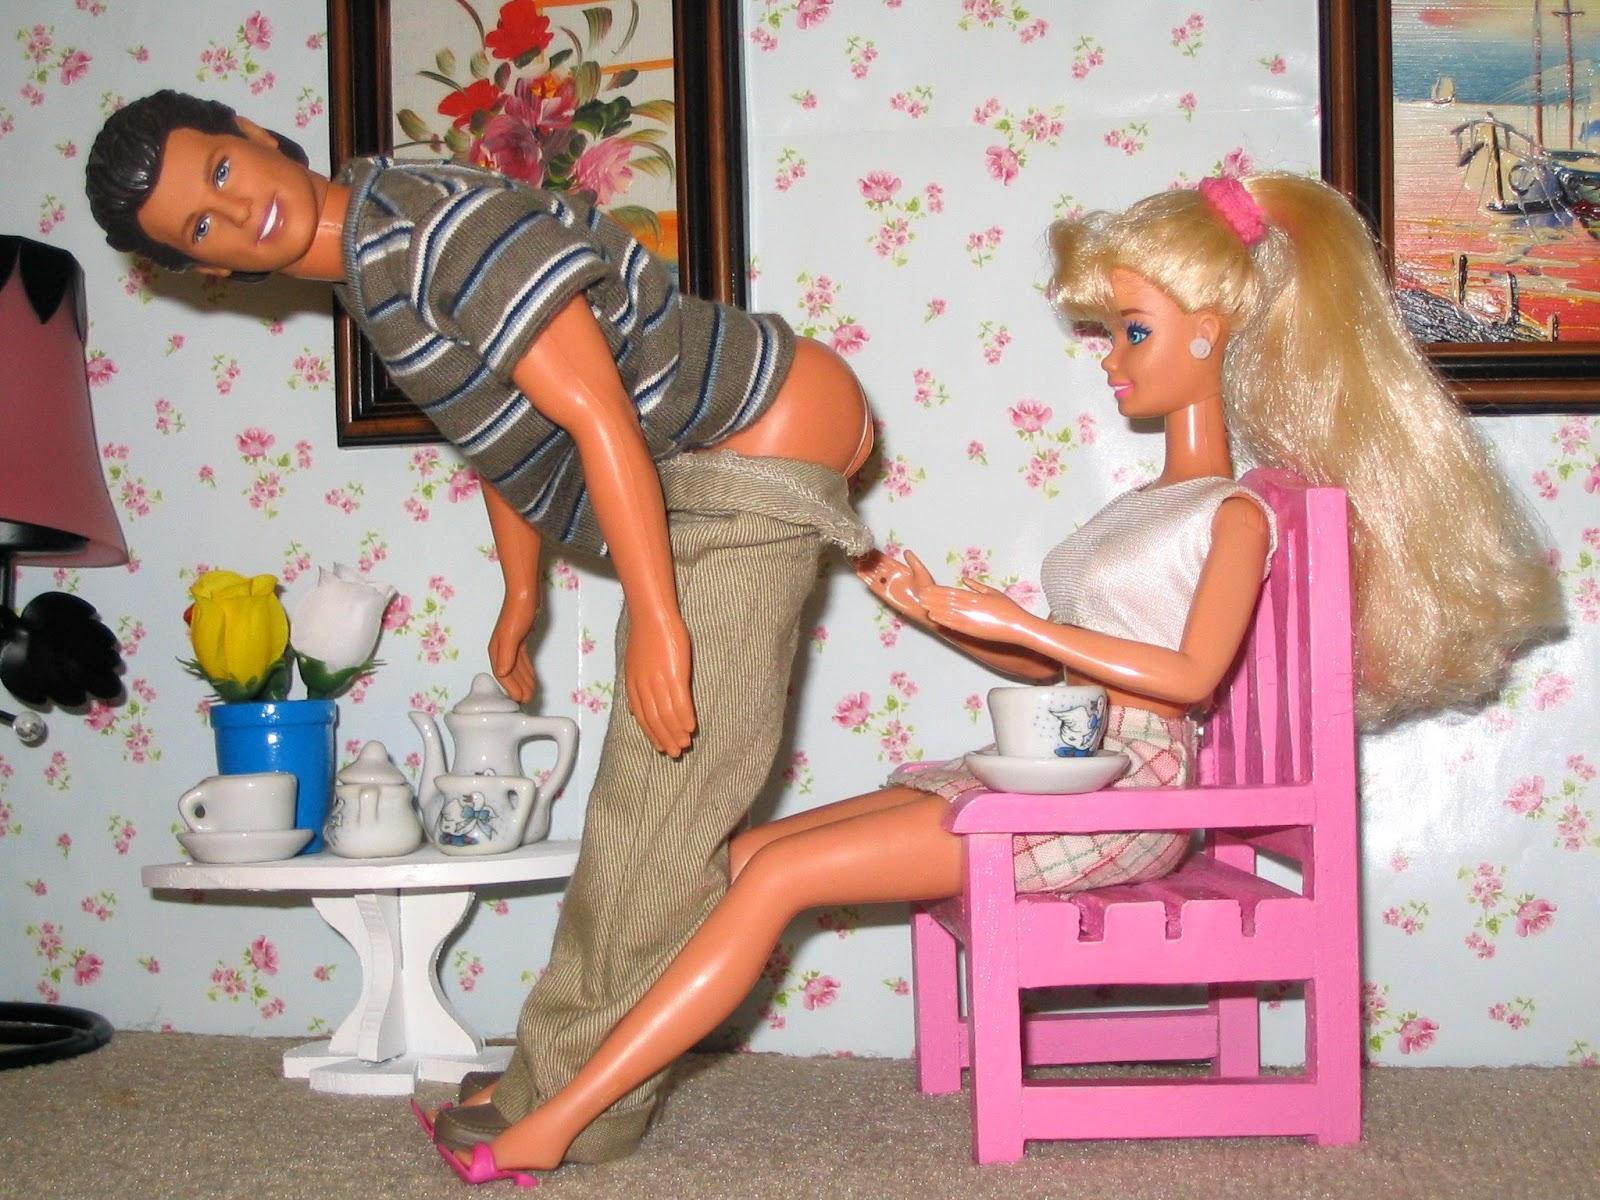 seks-hochu-smotret-chto-takoe-seks-kamera-chat-seks